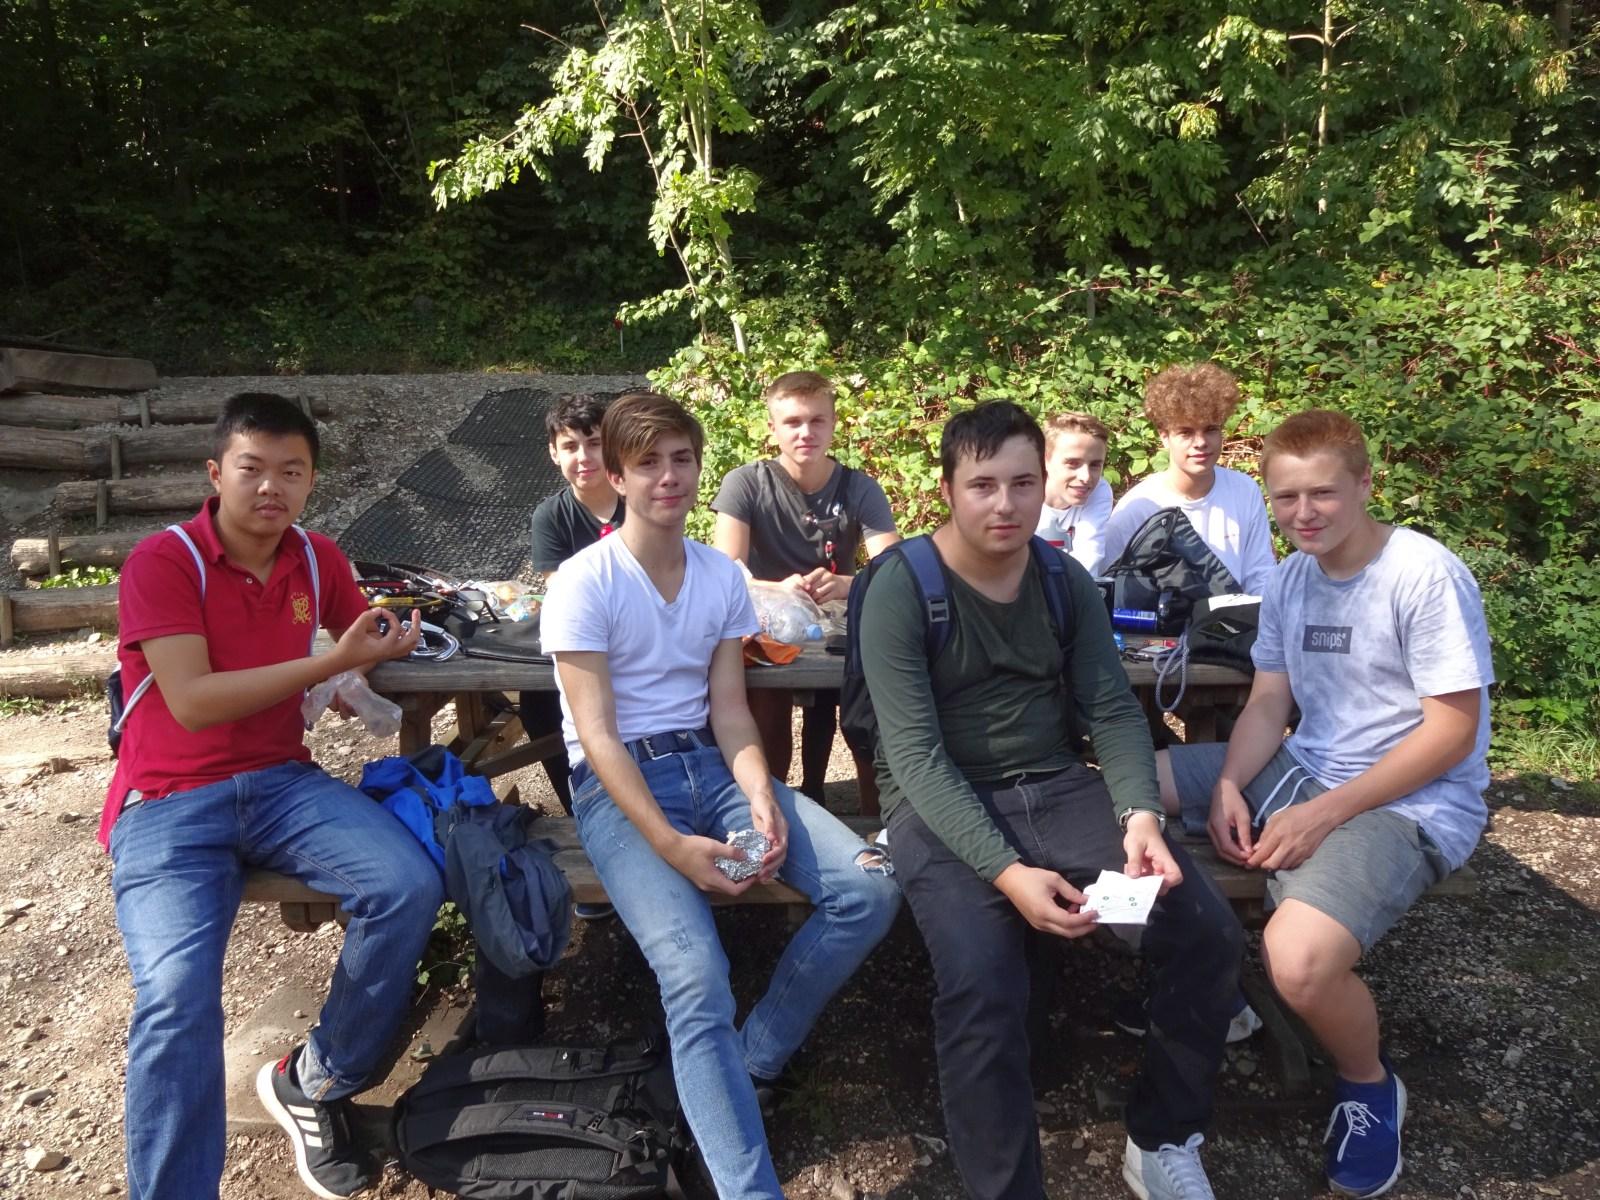 Schulreise Adventure Park Rheinfall Klasse G2b 14 9 18 Neue Schule Zurich